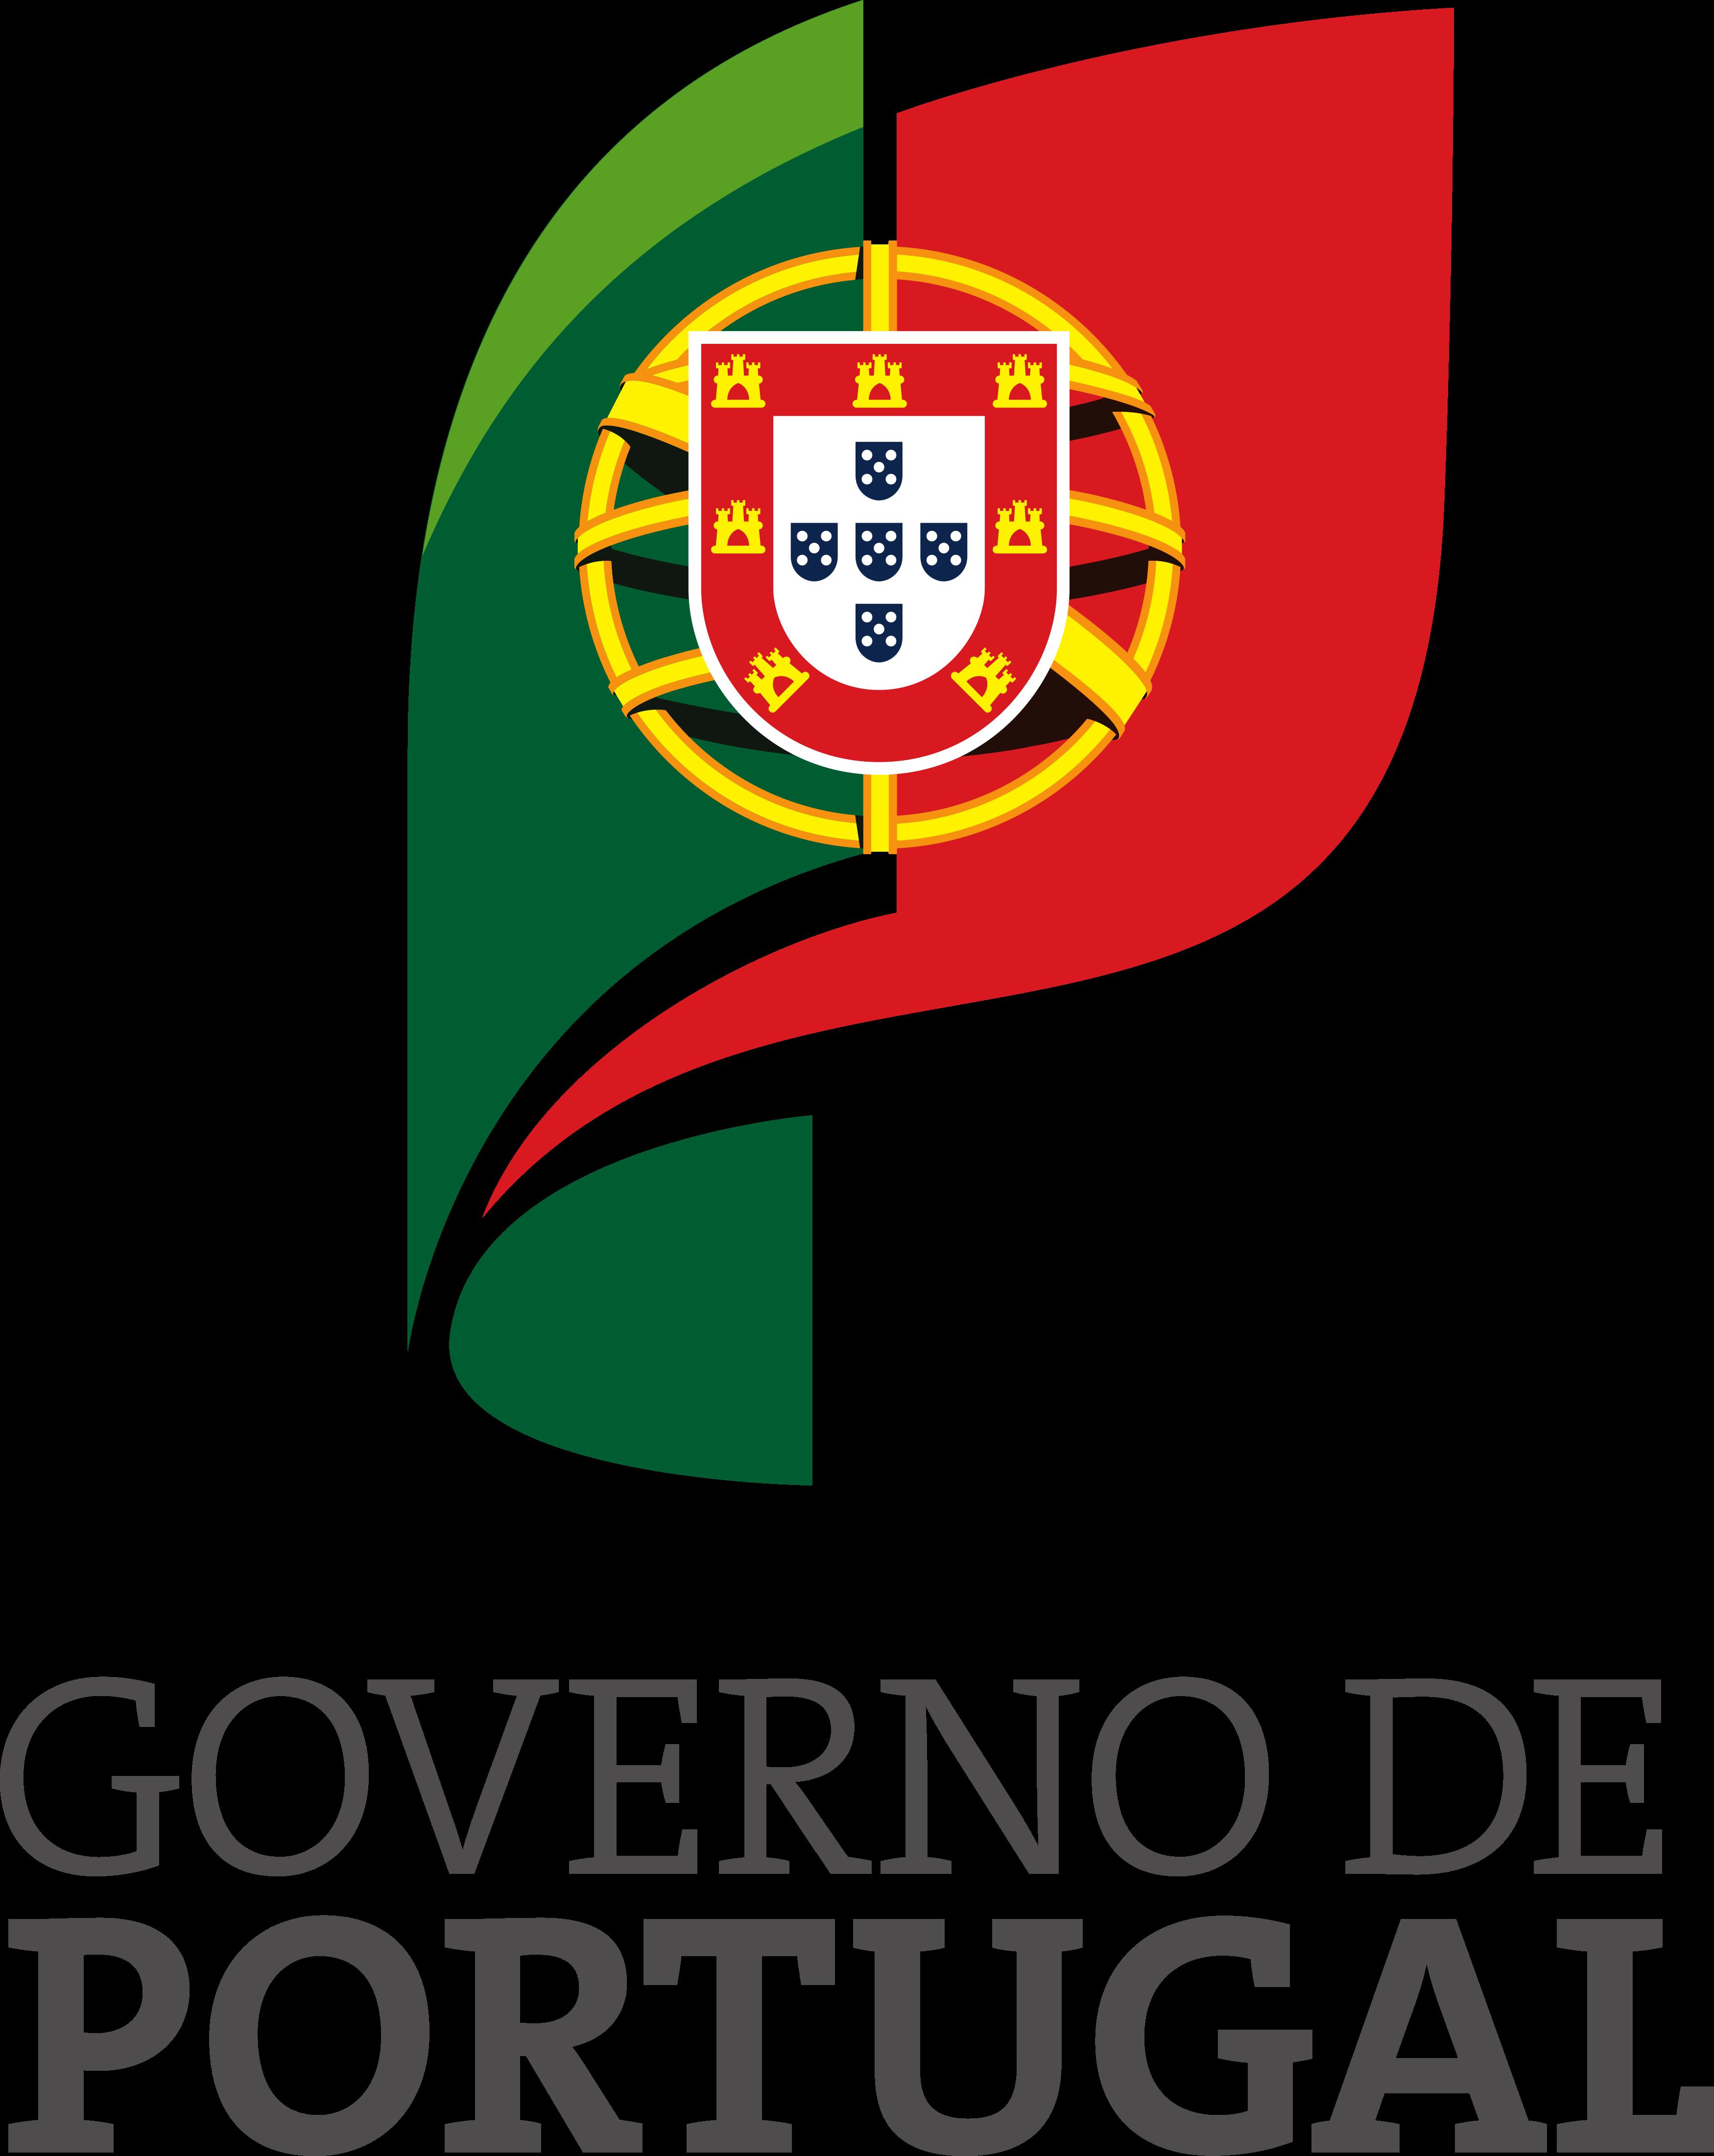 governo portugal 1 - Governo de Portugal Logo